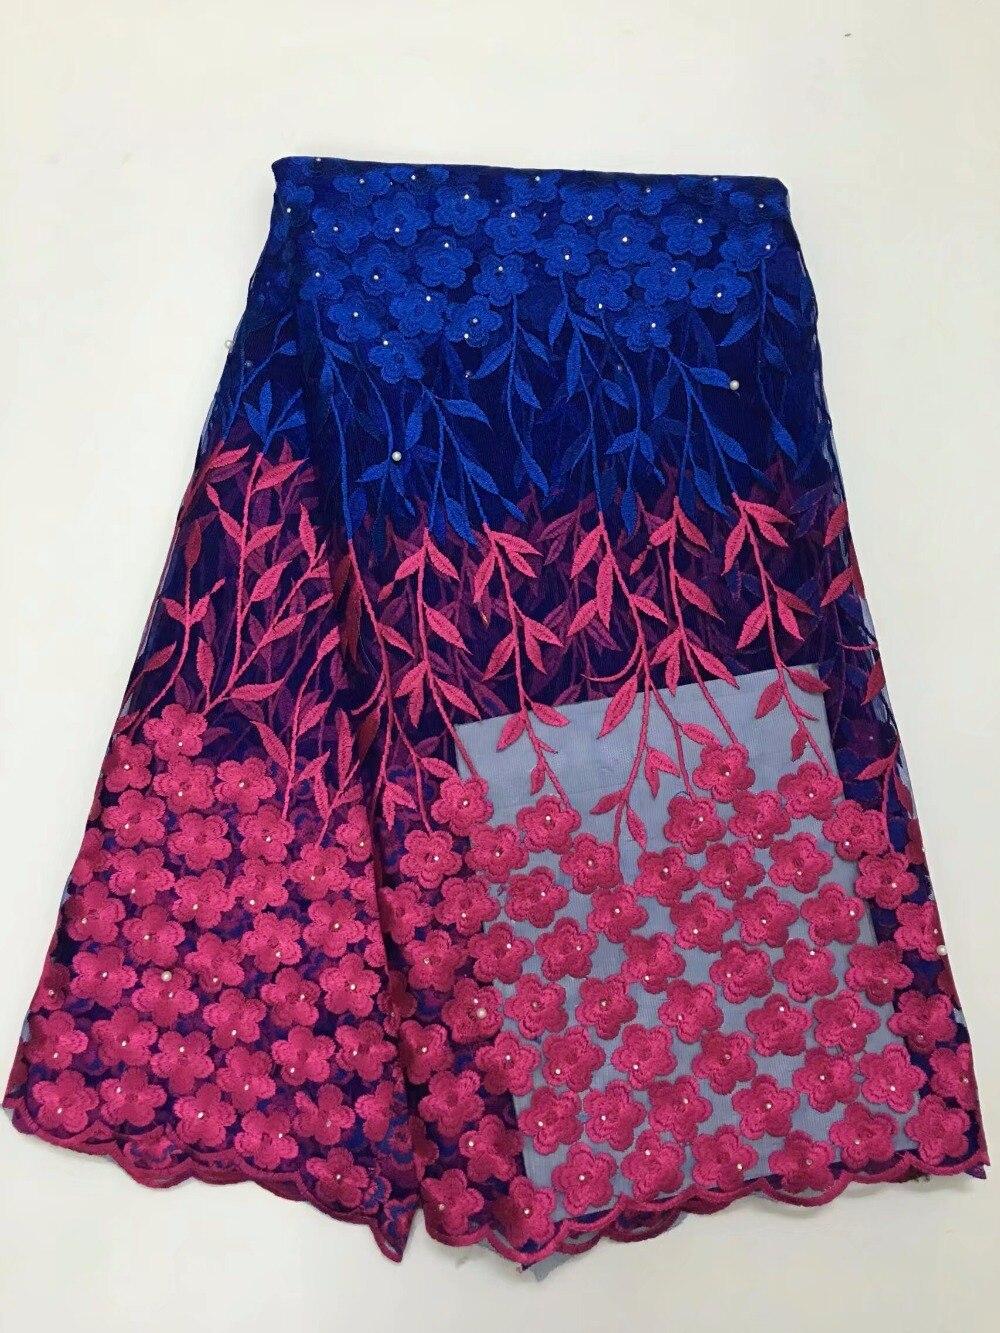 Královská modrá tkanina vysoce kvalitní francouzská síťovaná krajka s kameny 5 yardů pro svatební šaty Africká tylová krajka žlutá tkanina